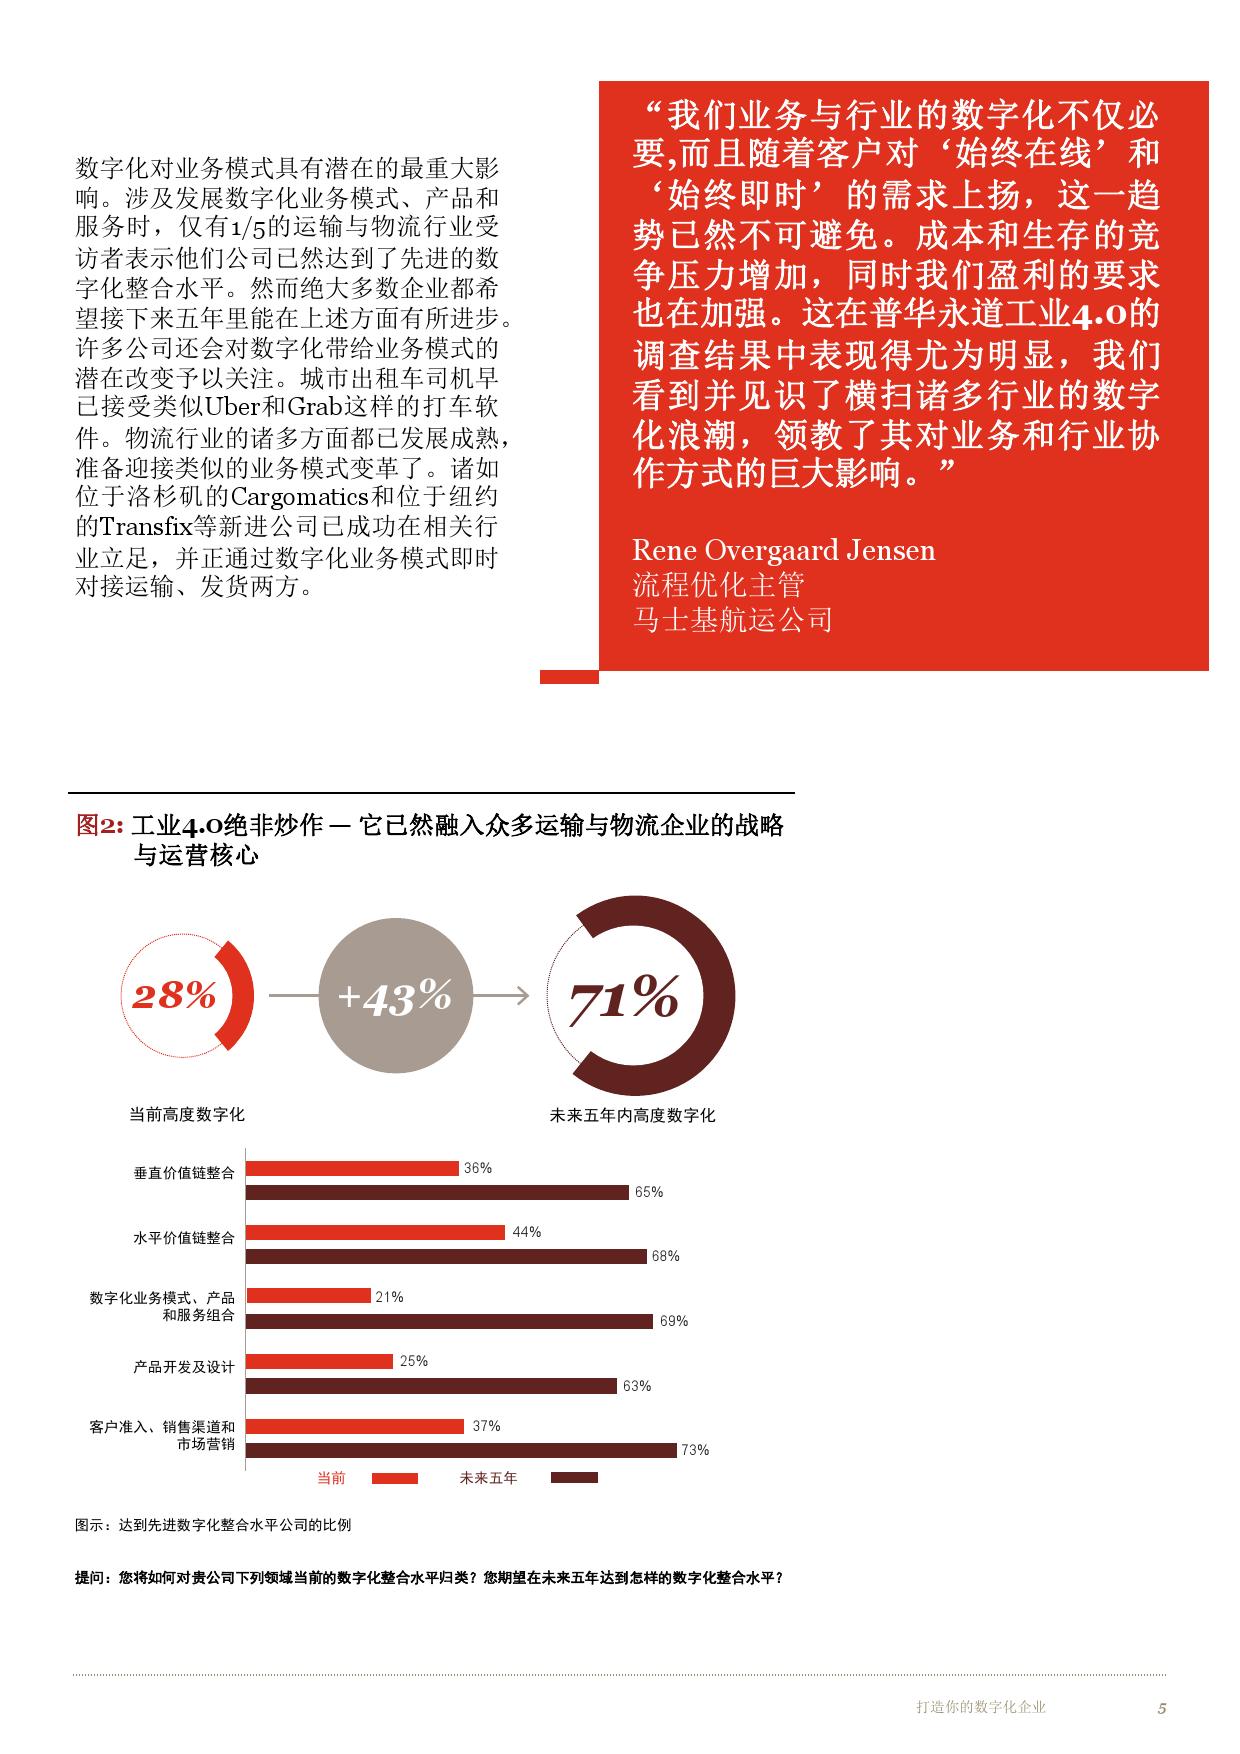 2016%e5%85%a8%e7%90%83%e5%b7%a5%e4%b8%9a4-0%e8%b0%83%e7%a0%94_000005